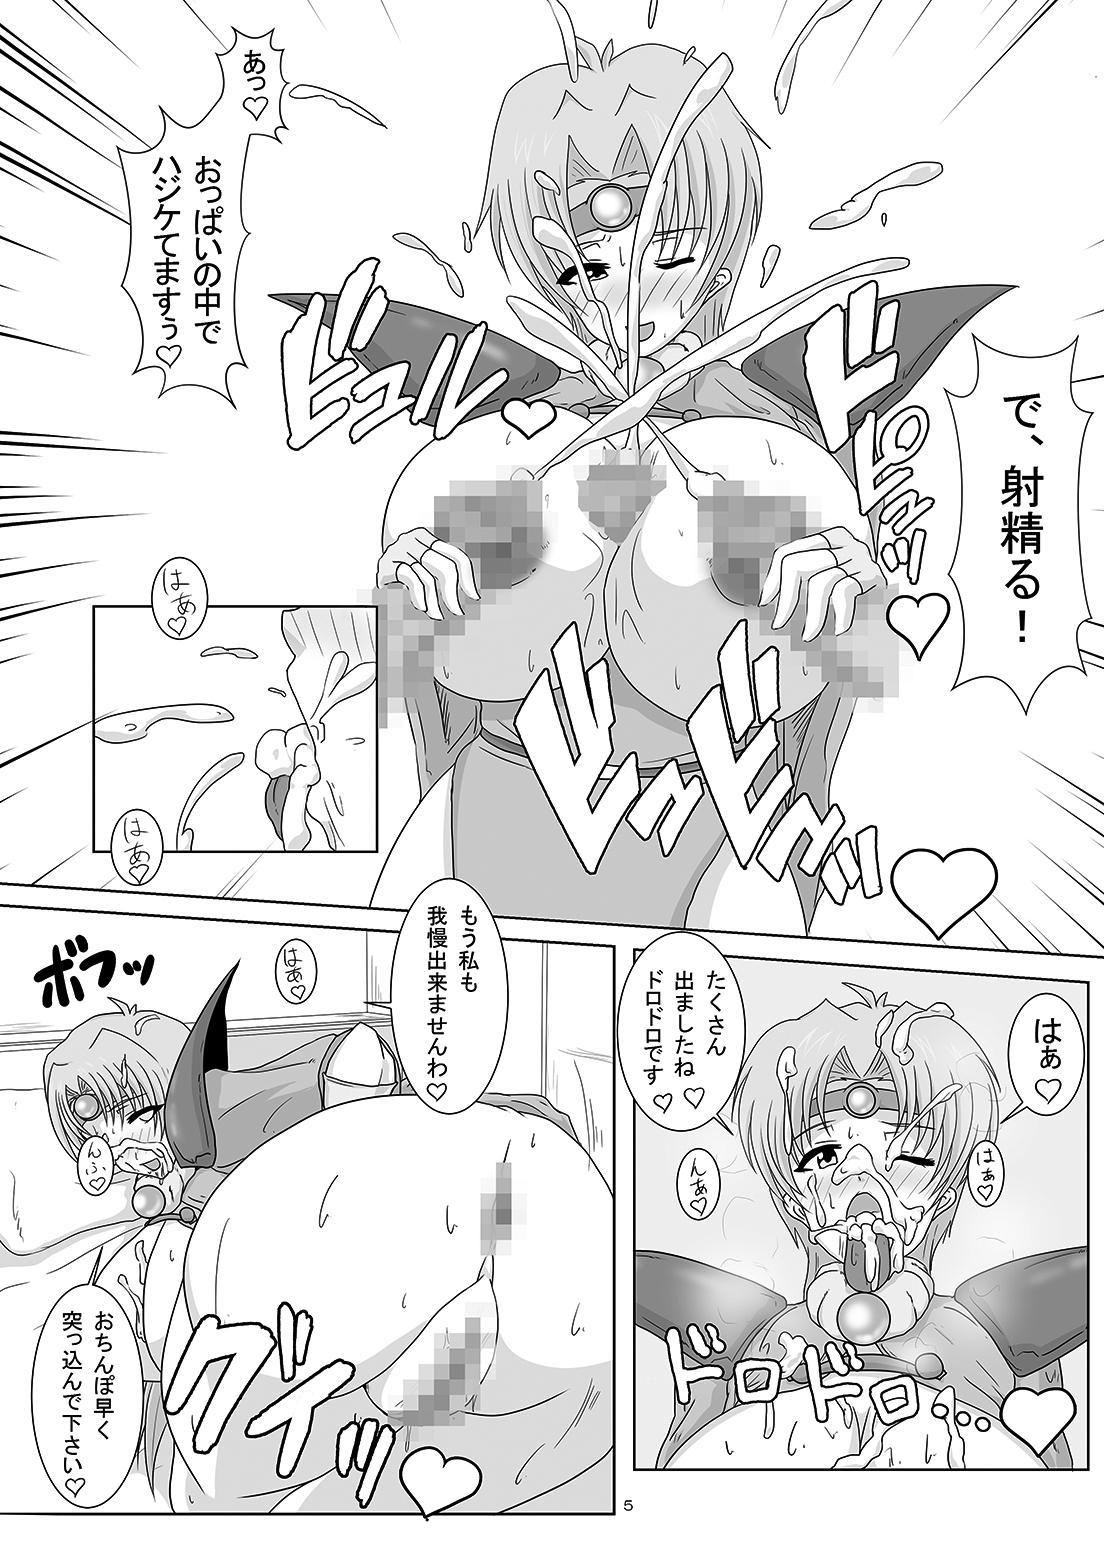 Bakunyuu Chitai wo Abakare Ikimakuru Heroine Tachi 3